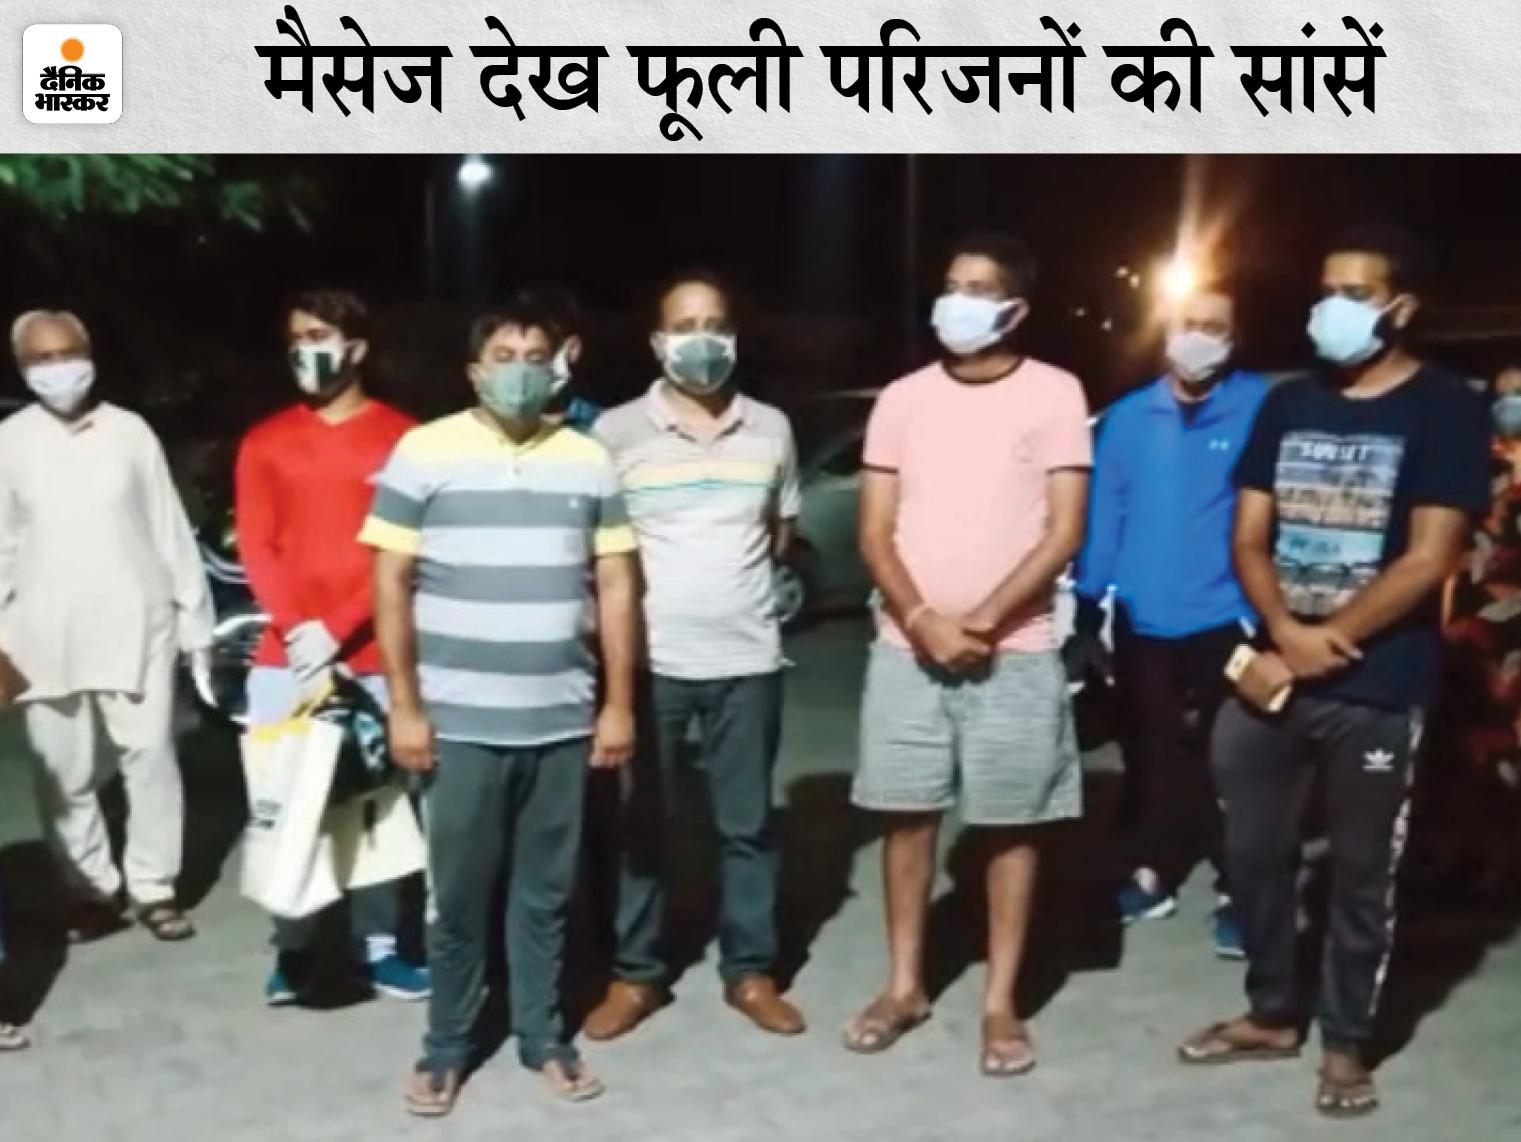 हमारे पास पर्याप्त ऑक्सीजन नहीं है, आप अपने मरीजों को सुबह दूसरे अस्पताल में शिफ्ट कर लें... परिजनों के होश उड़े|अजमेर,Ajmer - Dainik Bhaskar